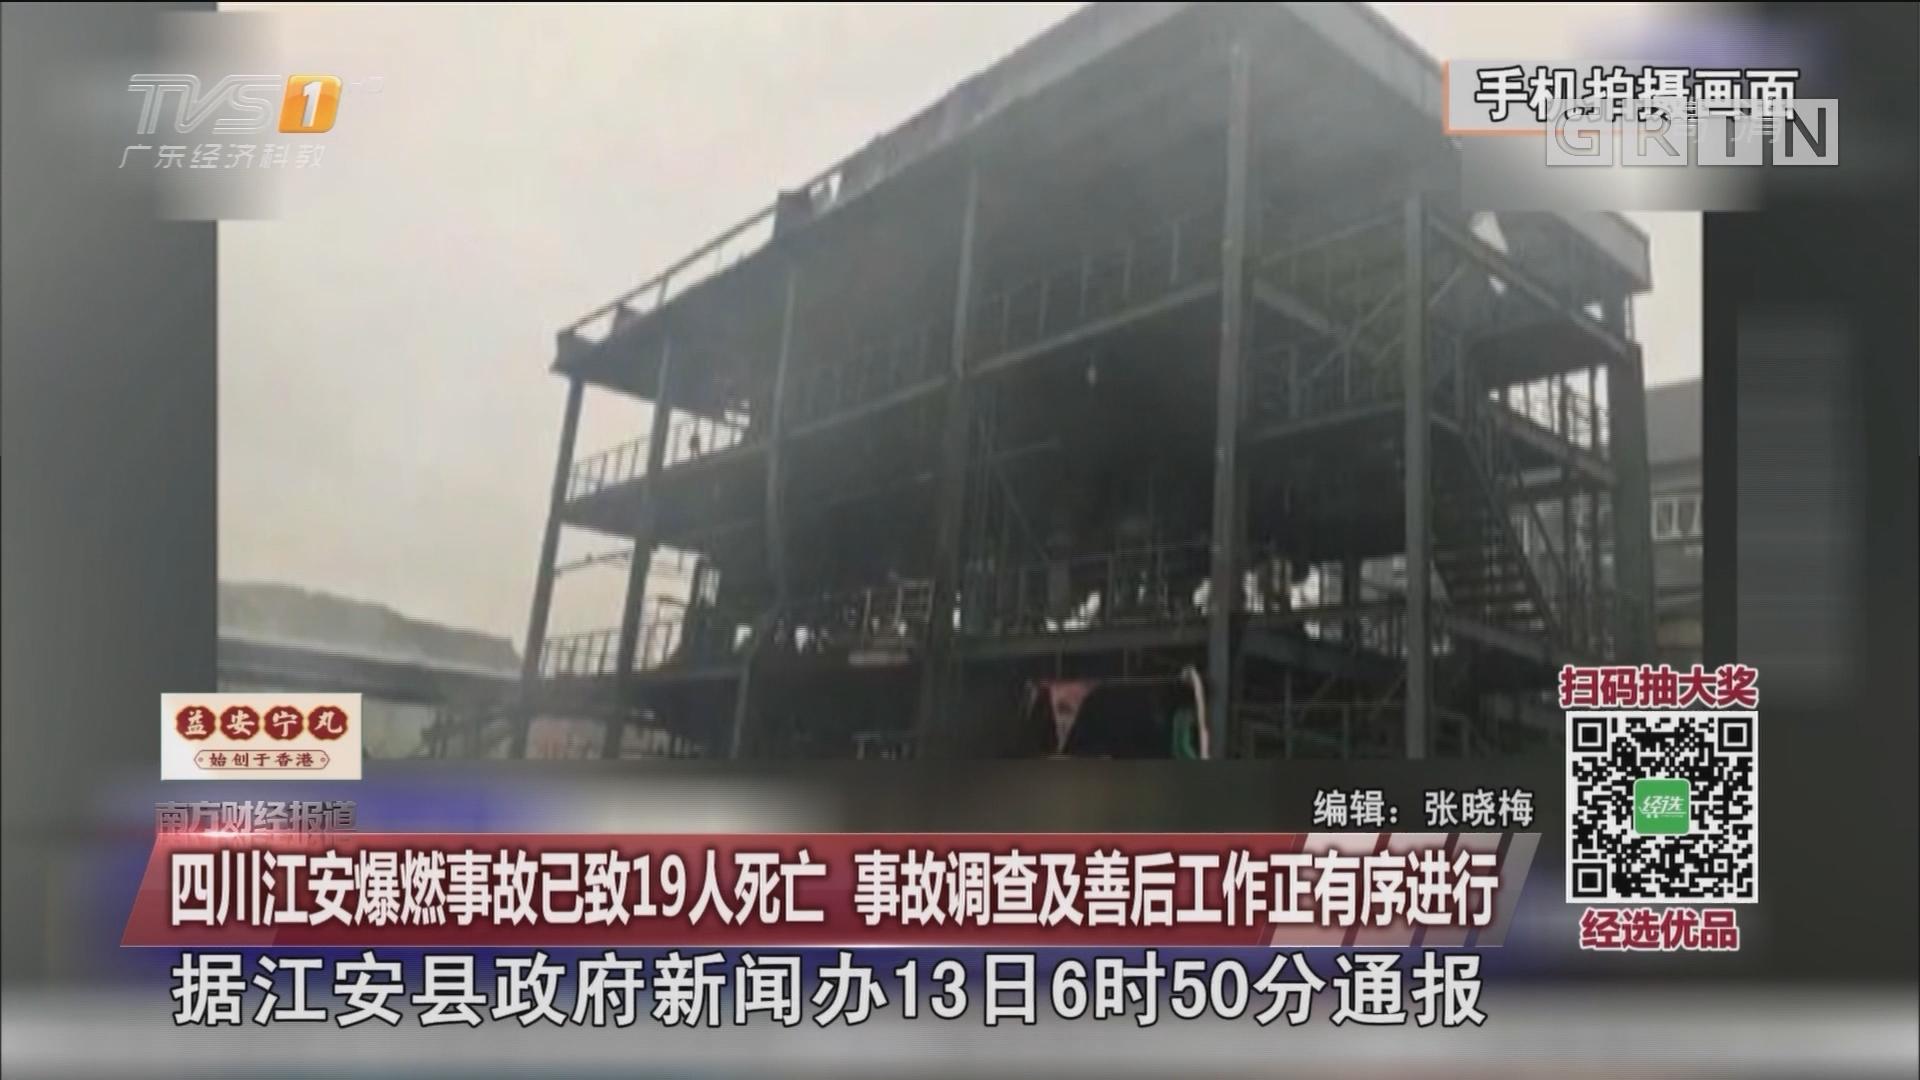 四川江安爆燃事故已致19人死亡 事故调查及善后工作正有序进行